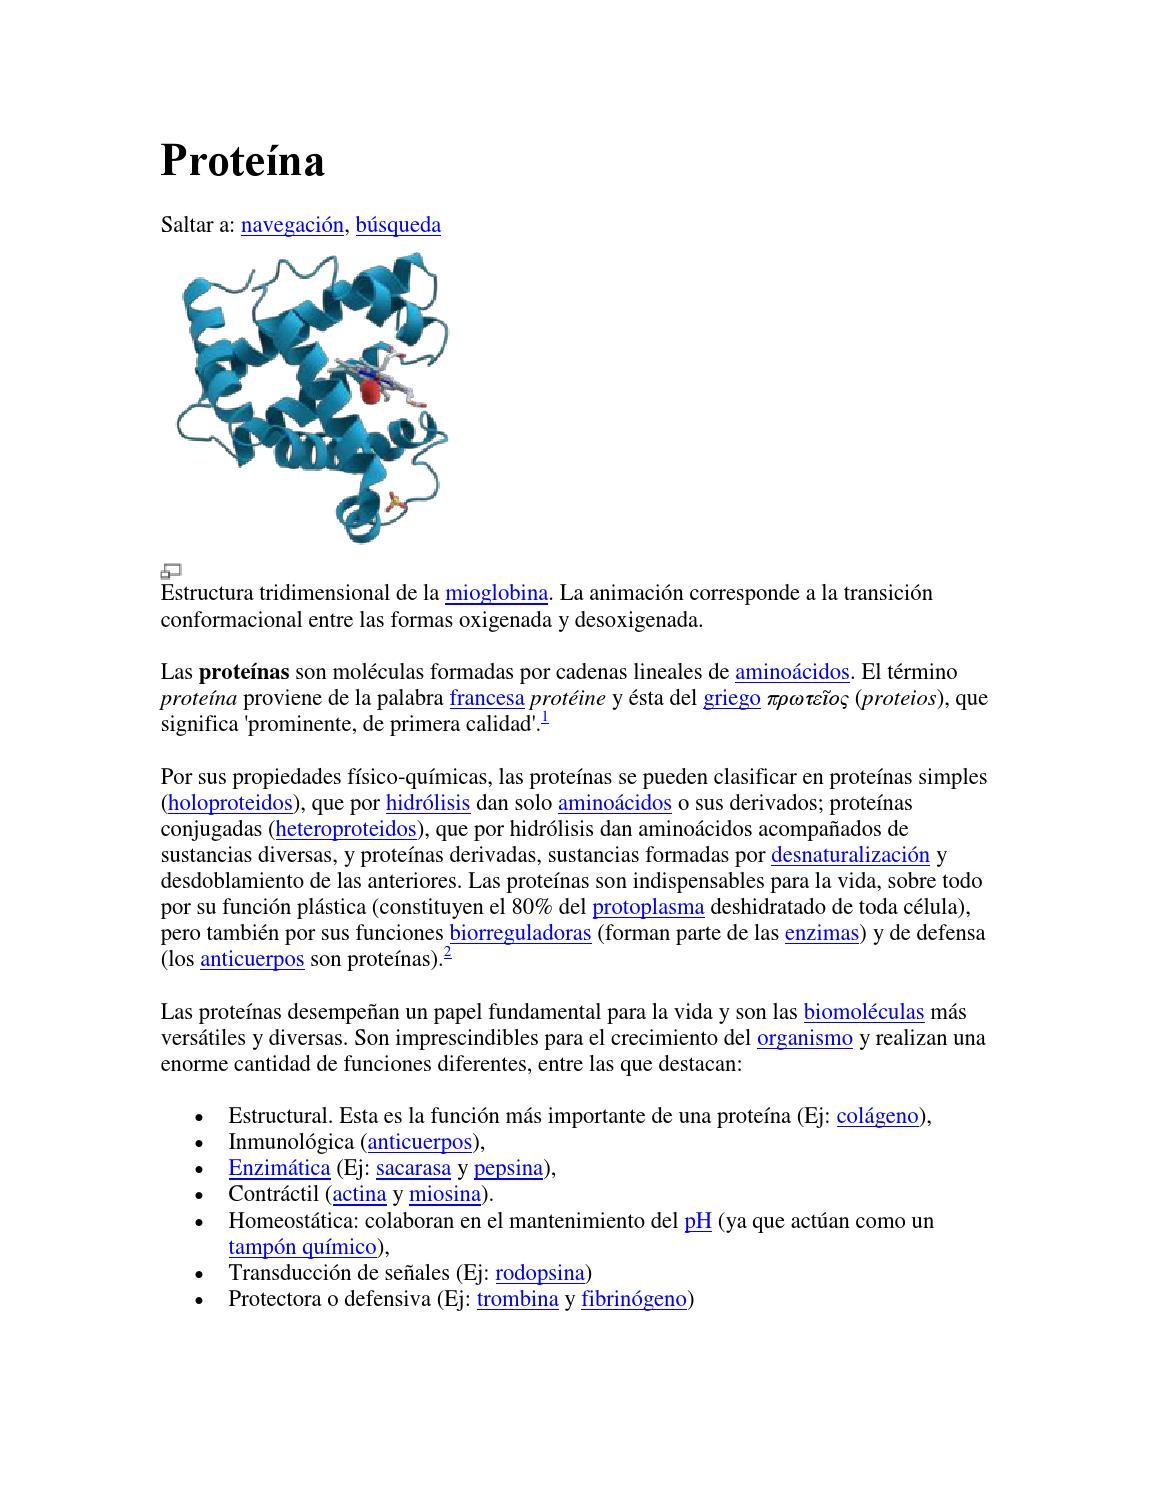 Anfotero amino acidos para adelgazar